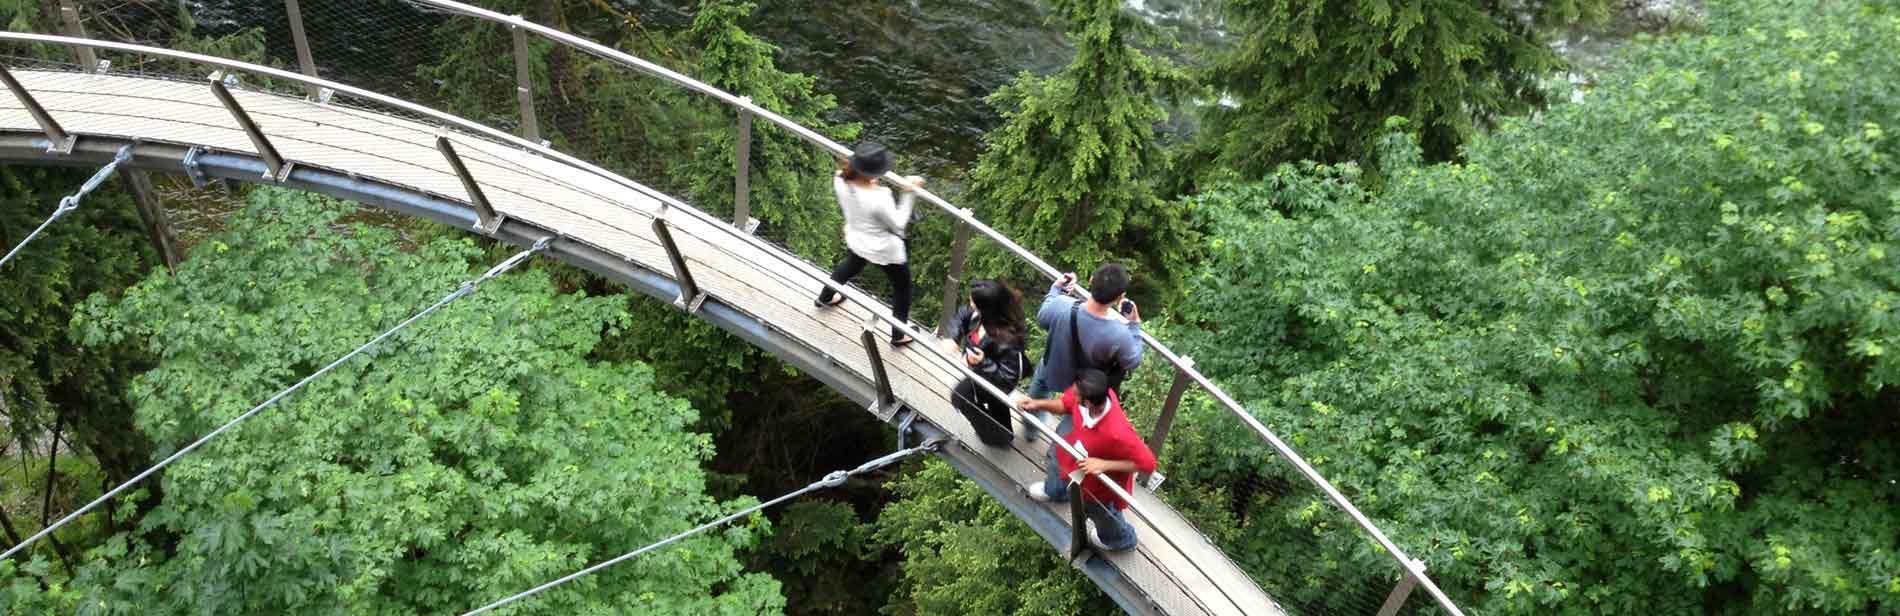 Evergreen Adventures Tours Photo